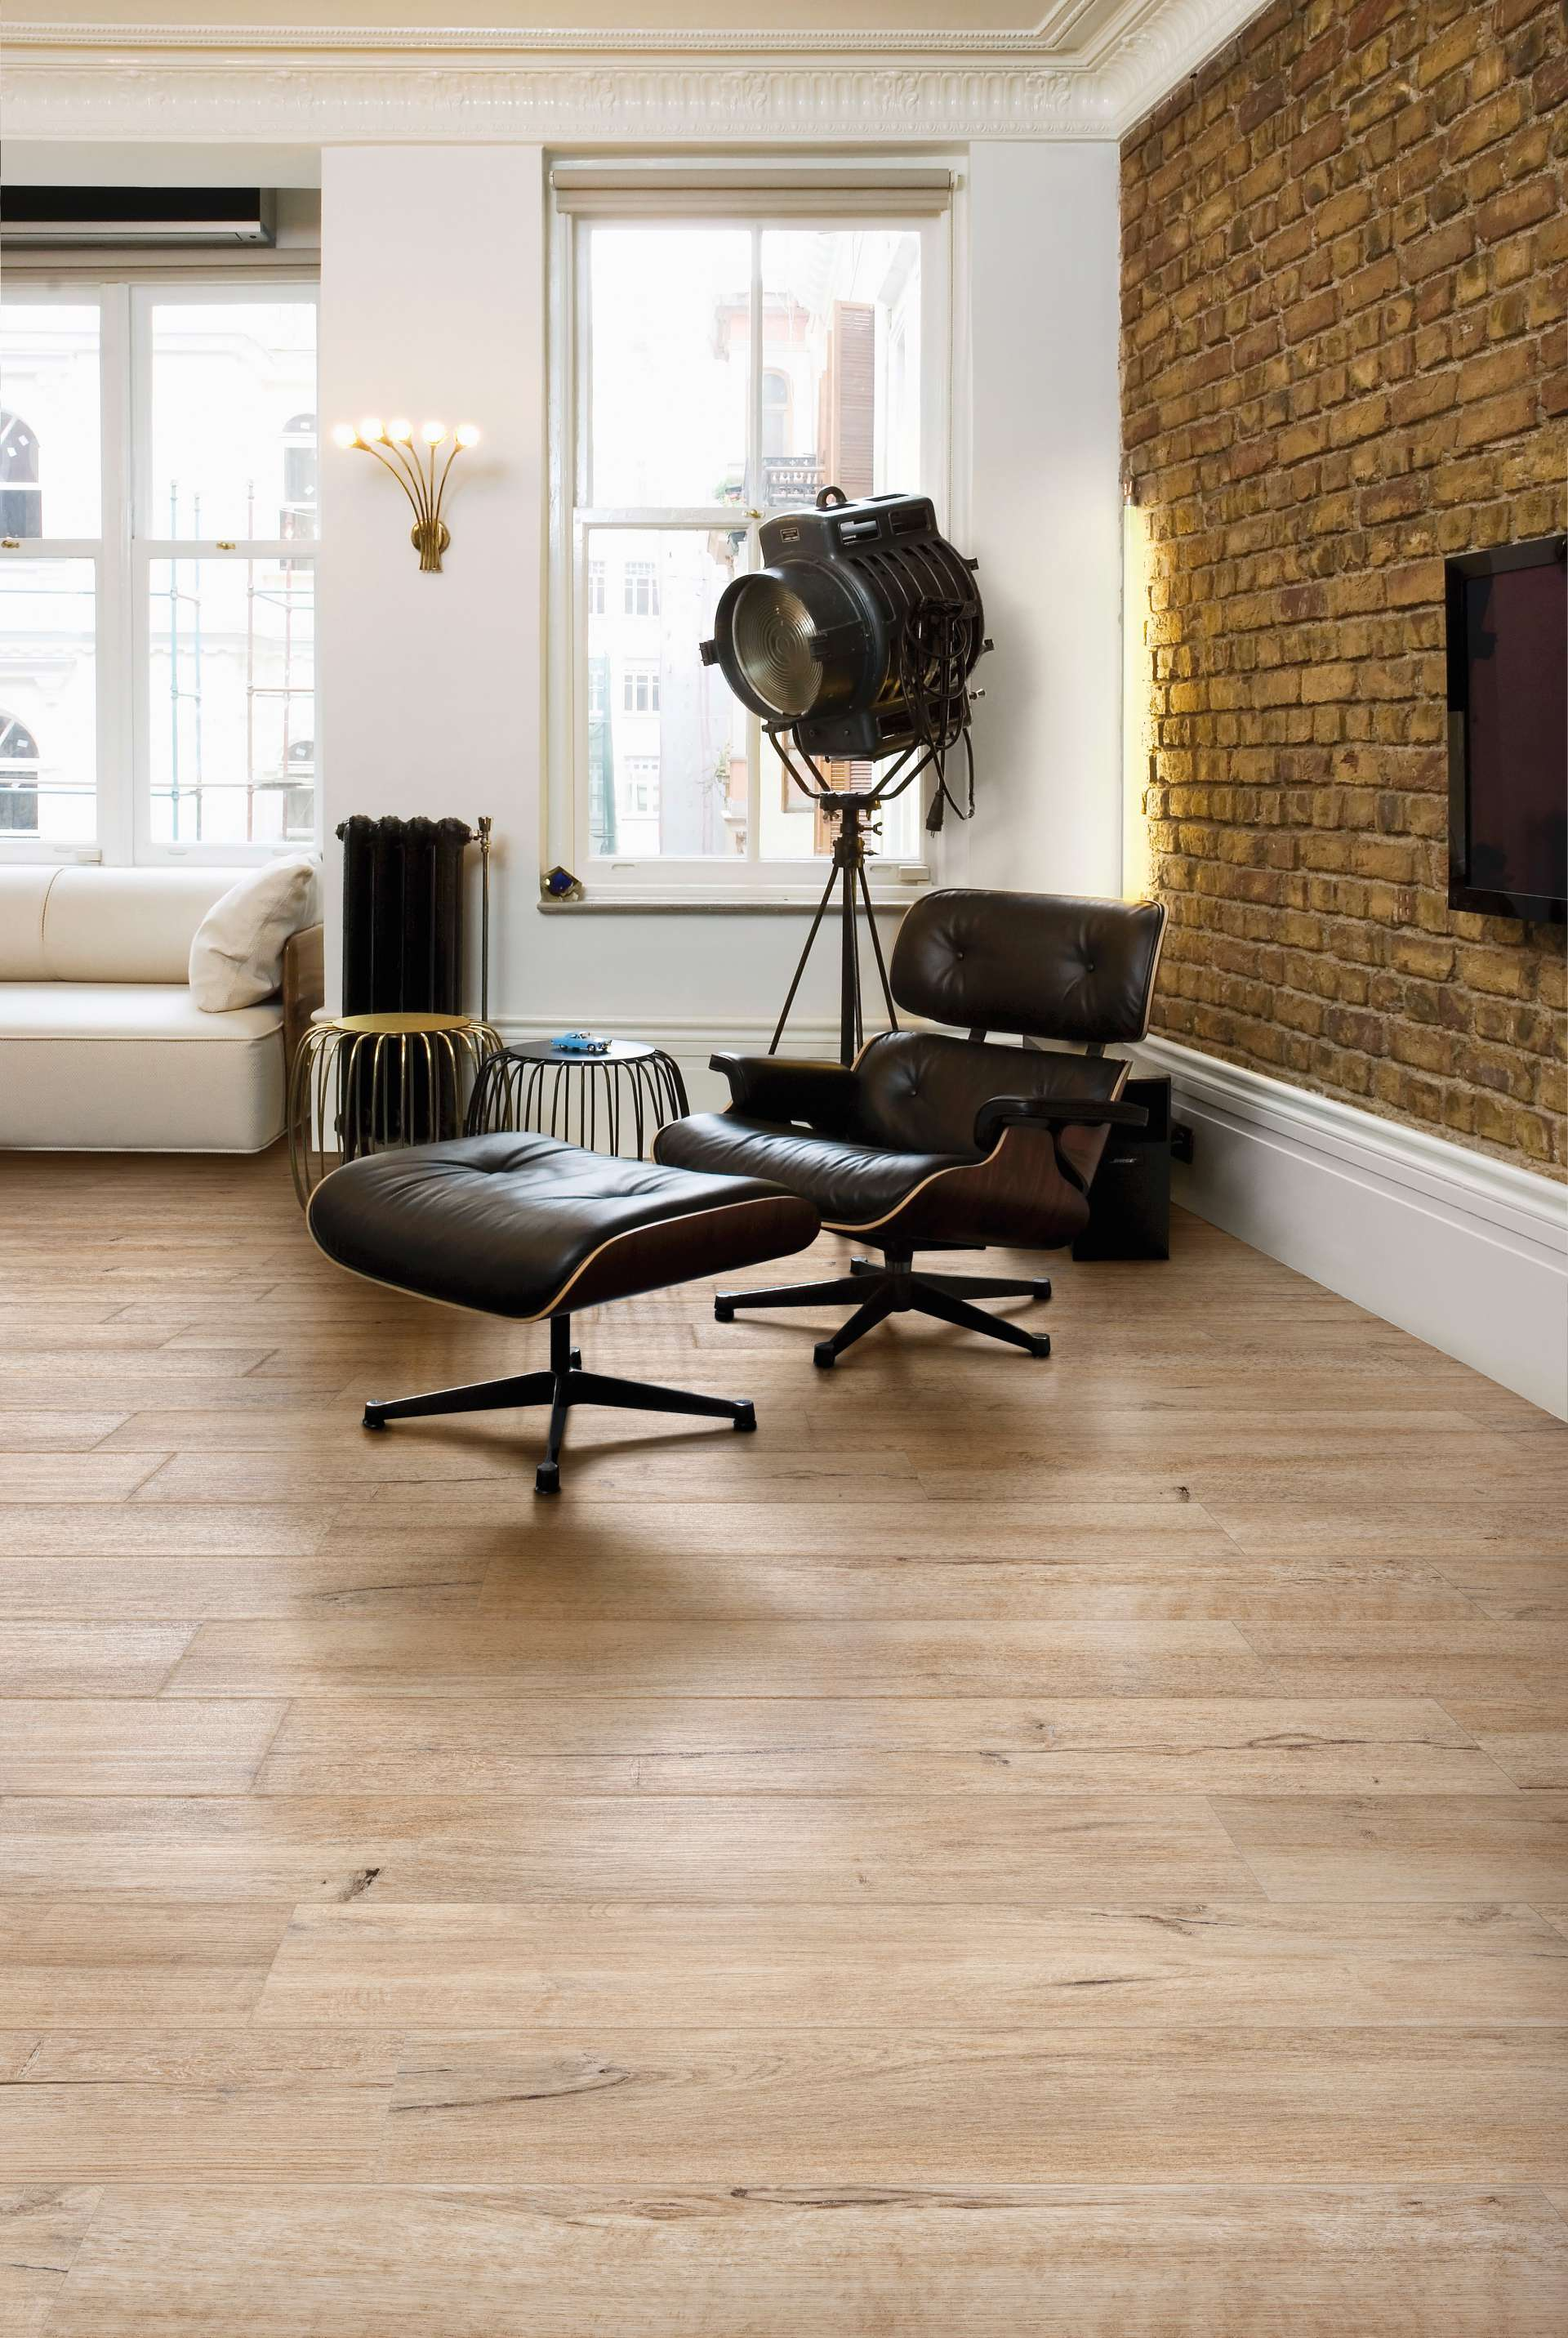 Hos tilesrus hittar ni klinker med trä struktur till bästa pris!